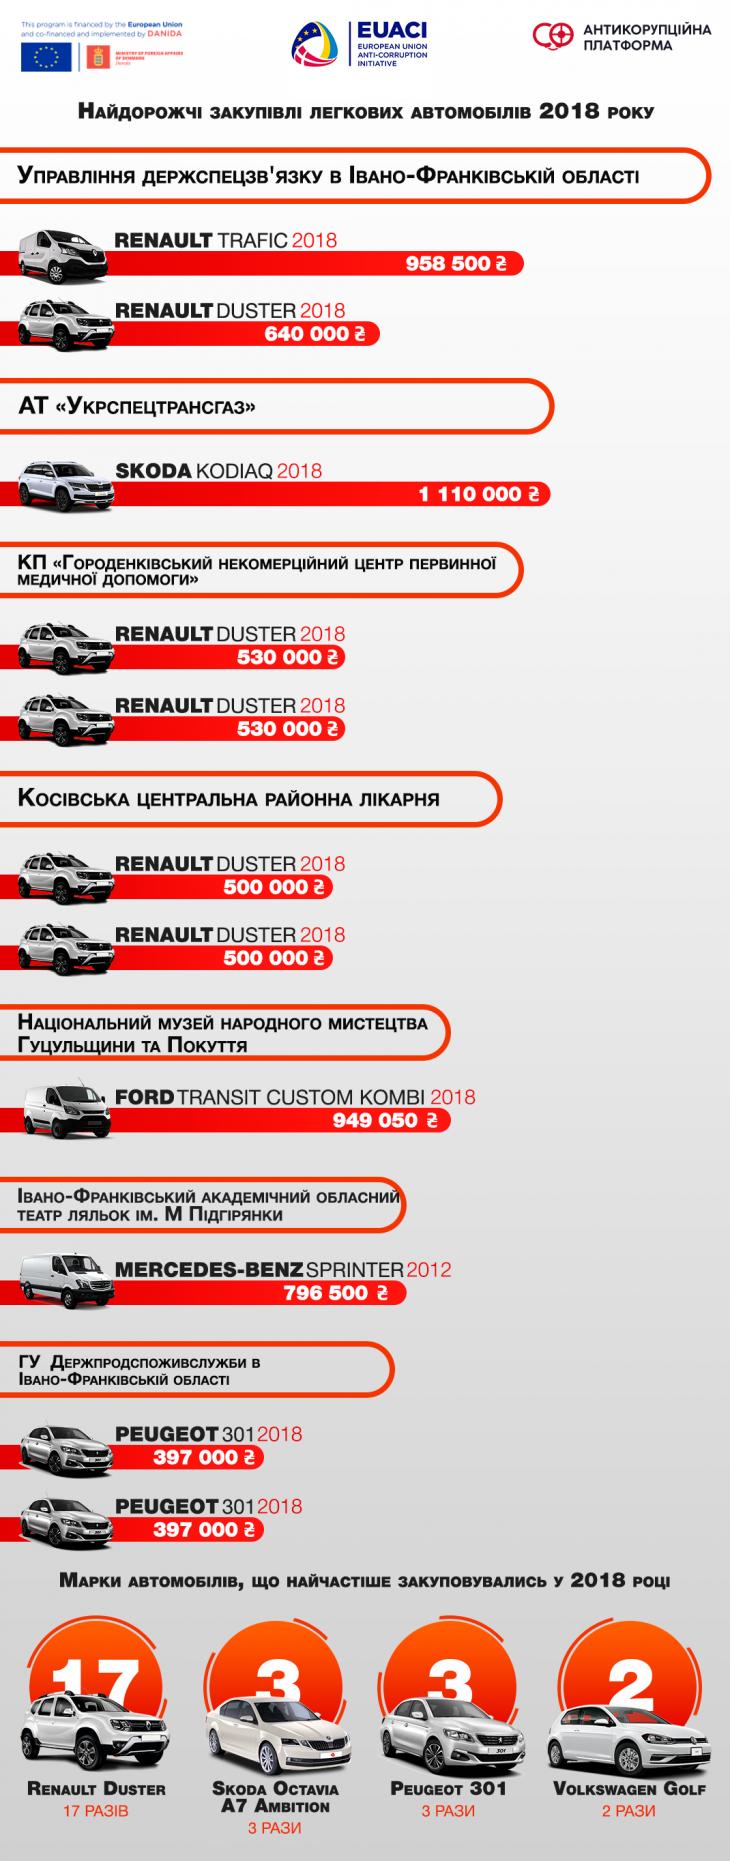 Автопарки на 200 мільйонів: які машини купували бюджетники Франківщини у 2018 році 1